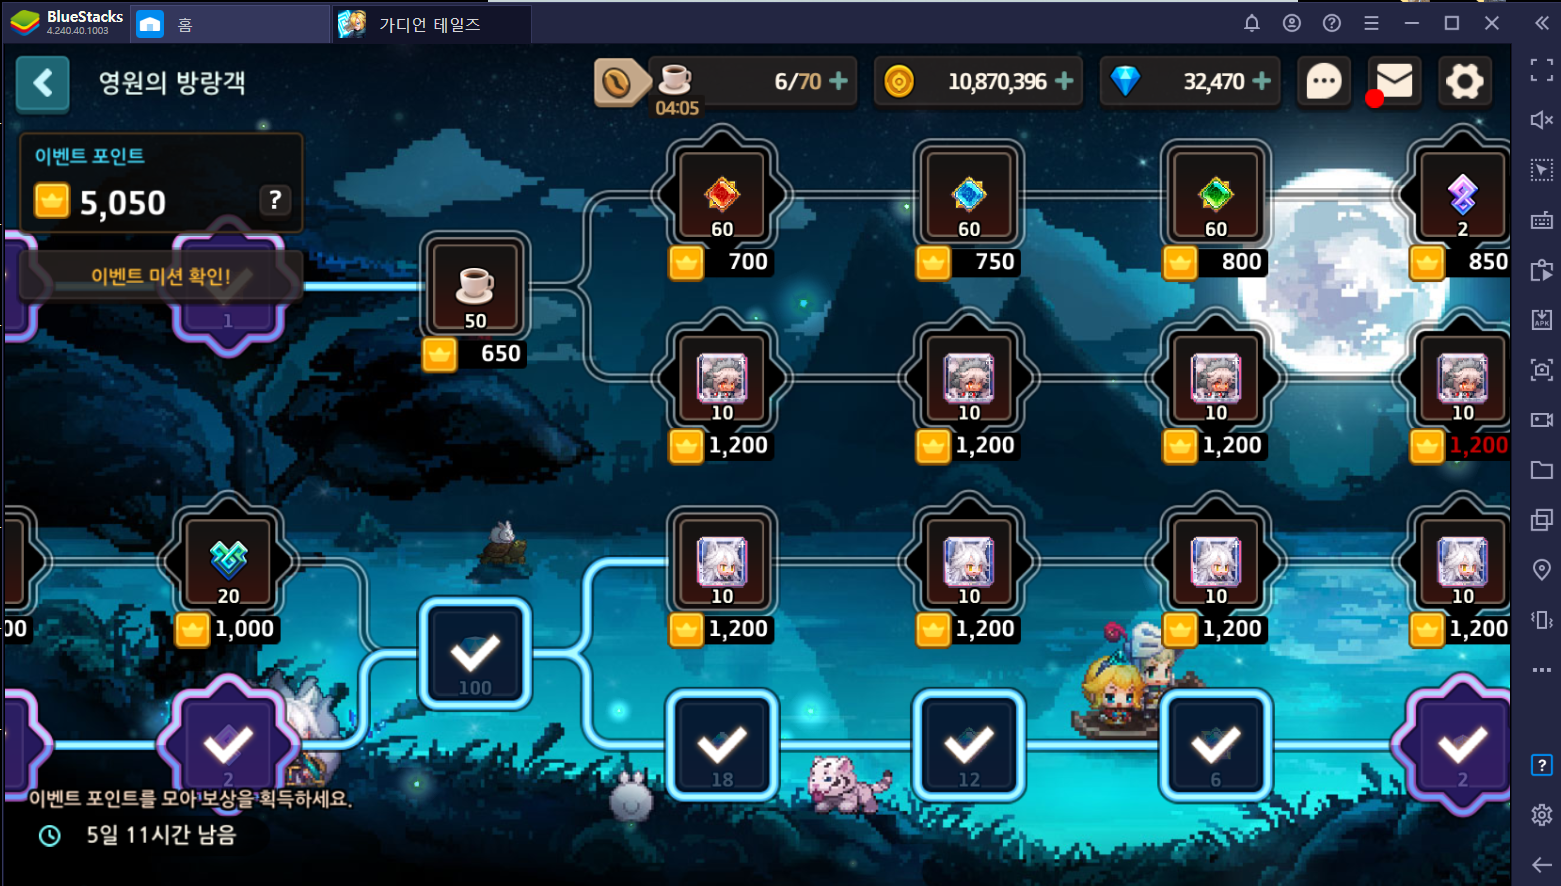 가디언 테일즈의 신규 영웅 가람을 PC에서 플레이해보세요!